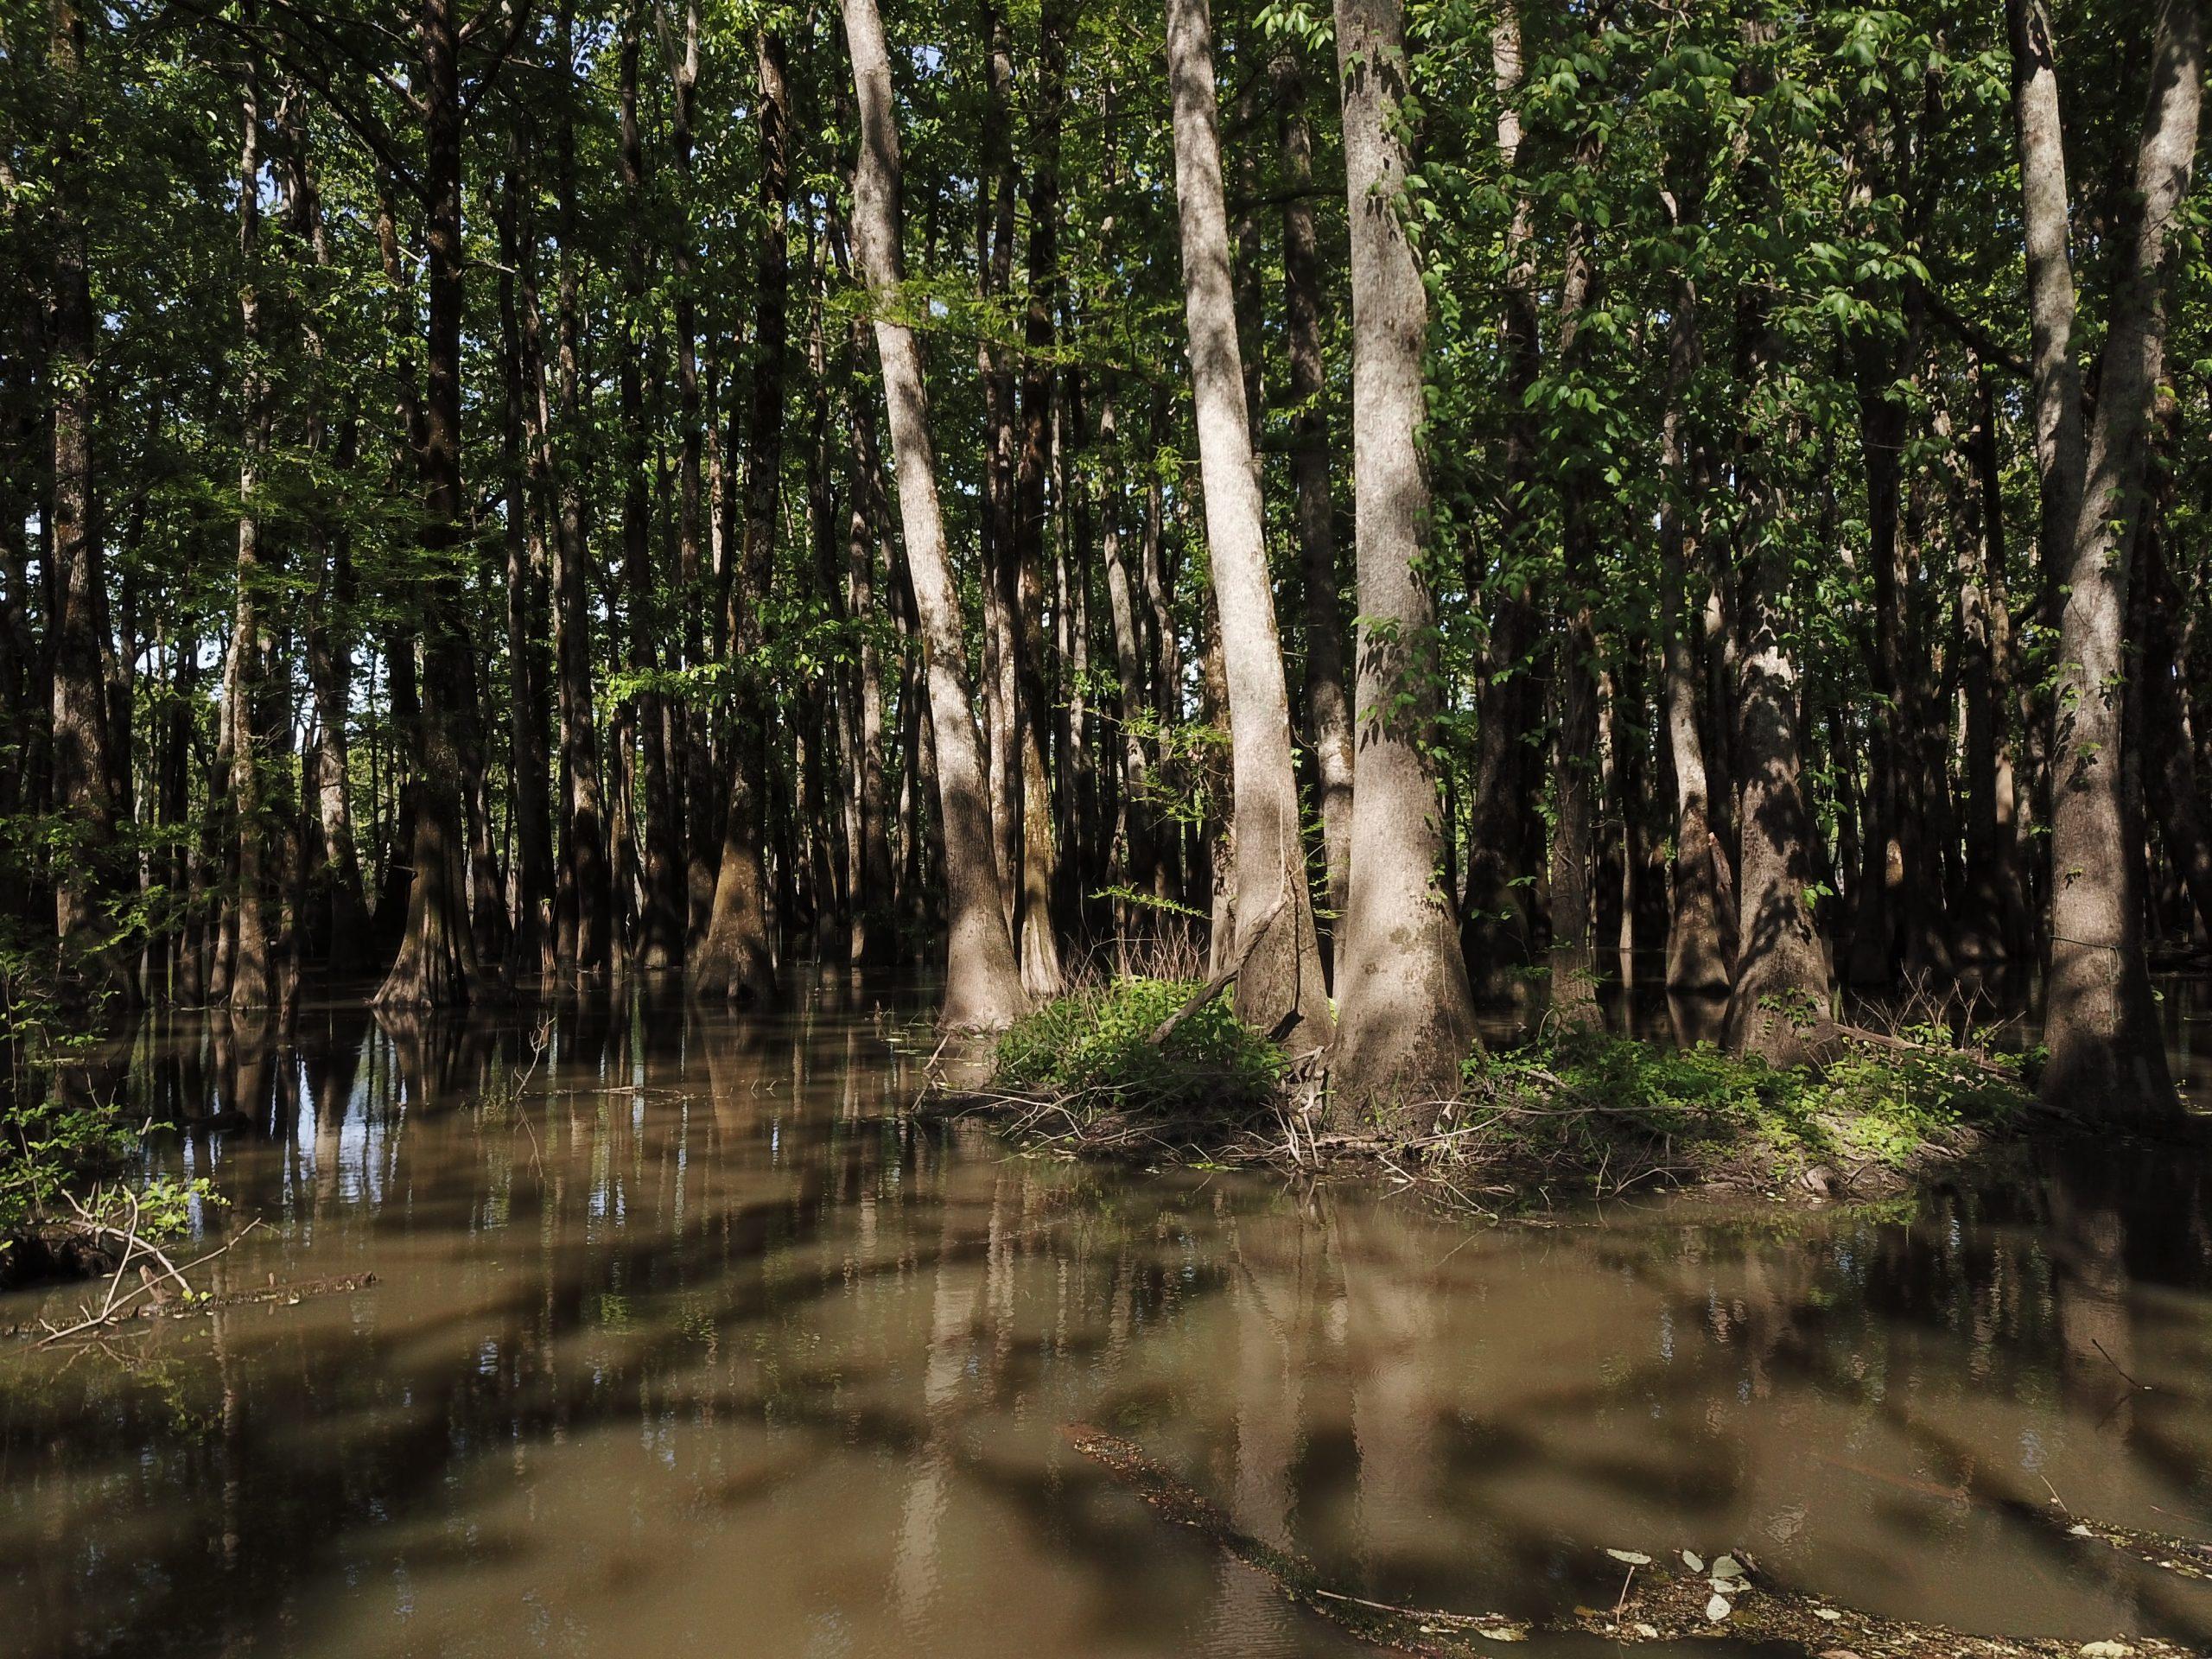 Benson-Brake-trees-water